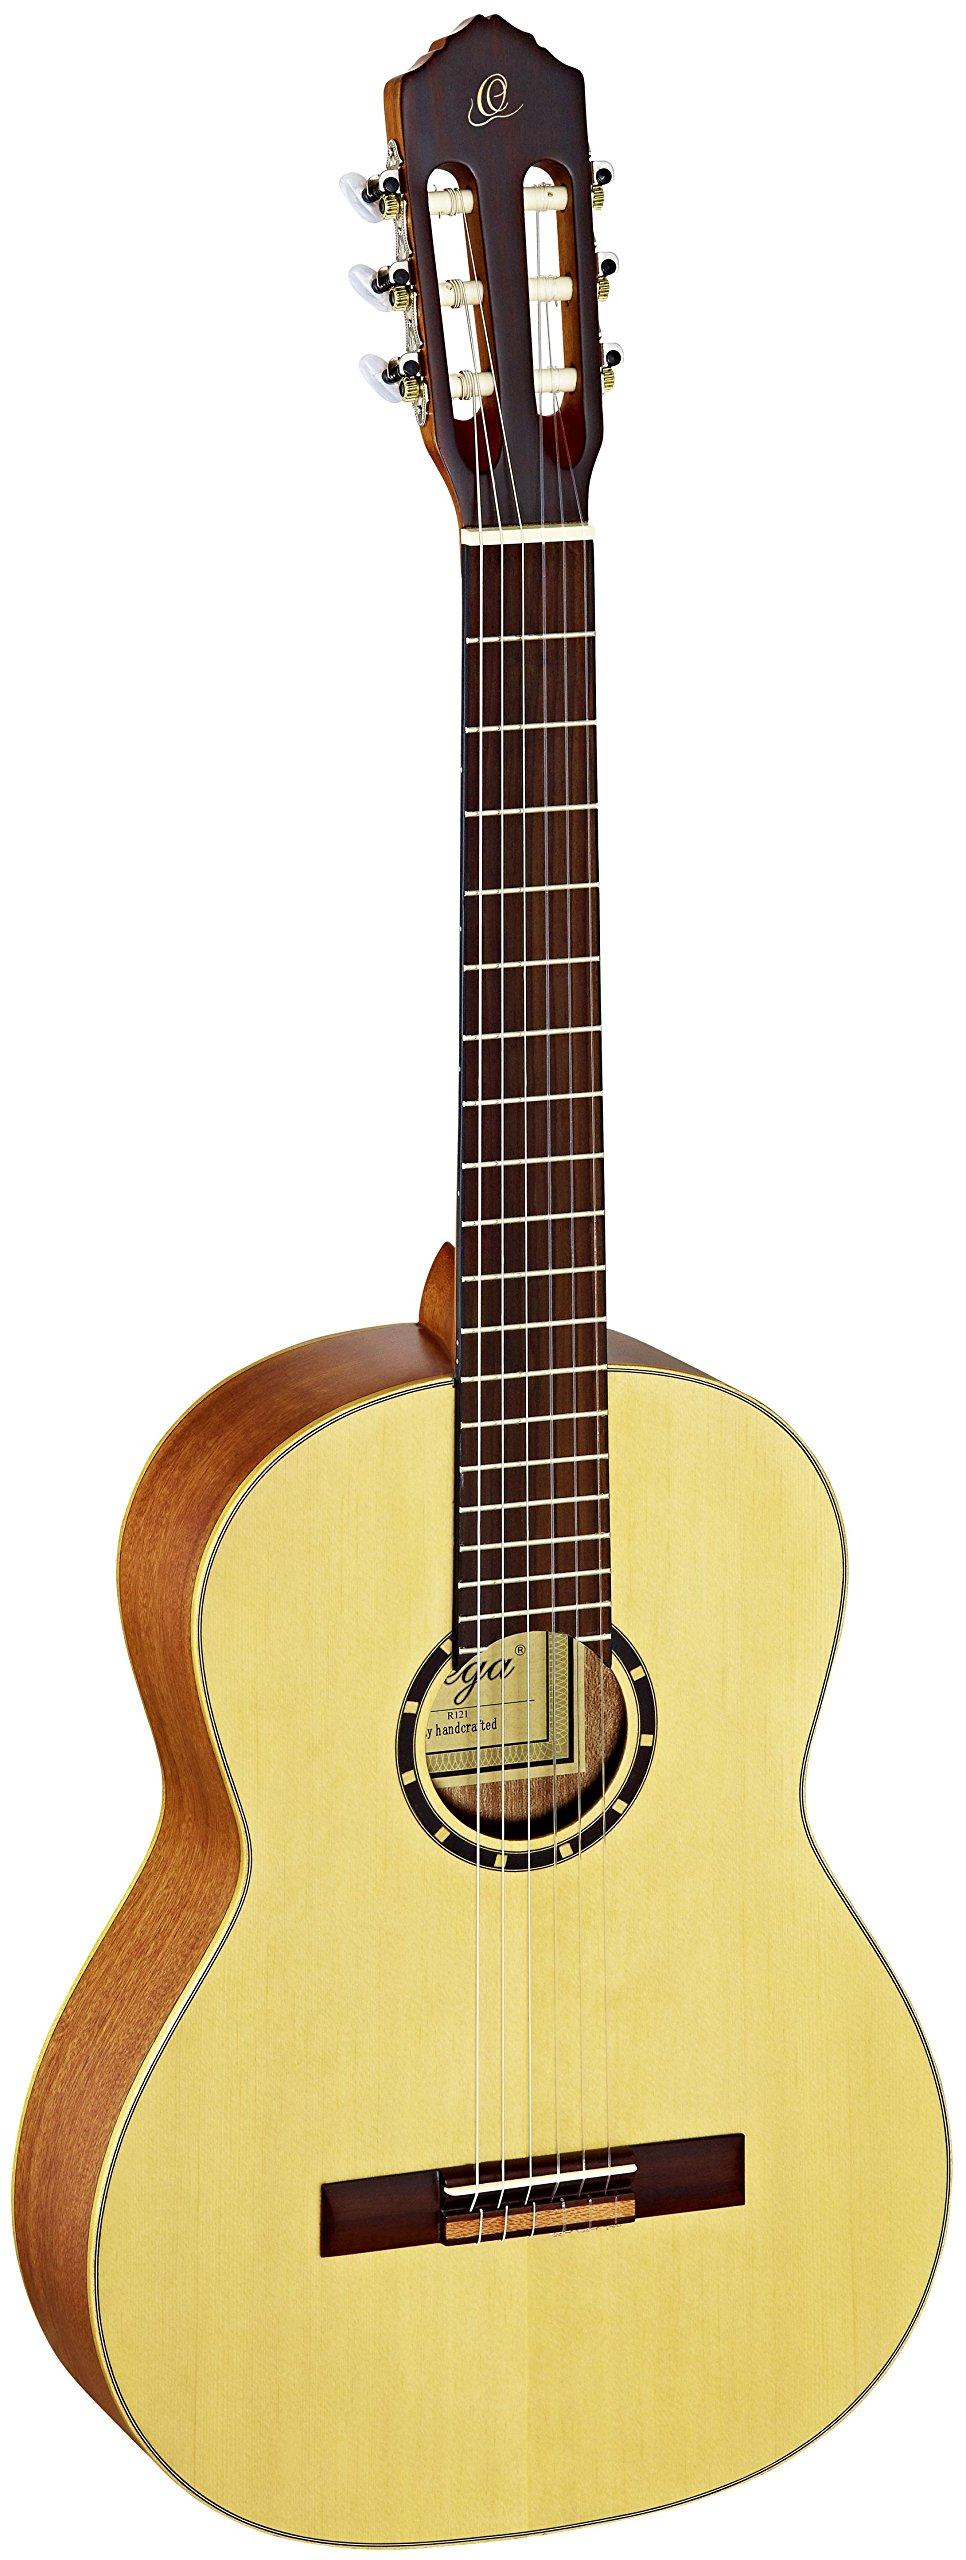 Ortega R121 - Guitarra clásica (abeto y caoba, tamaño 4/4),